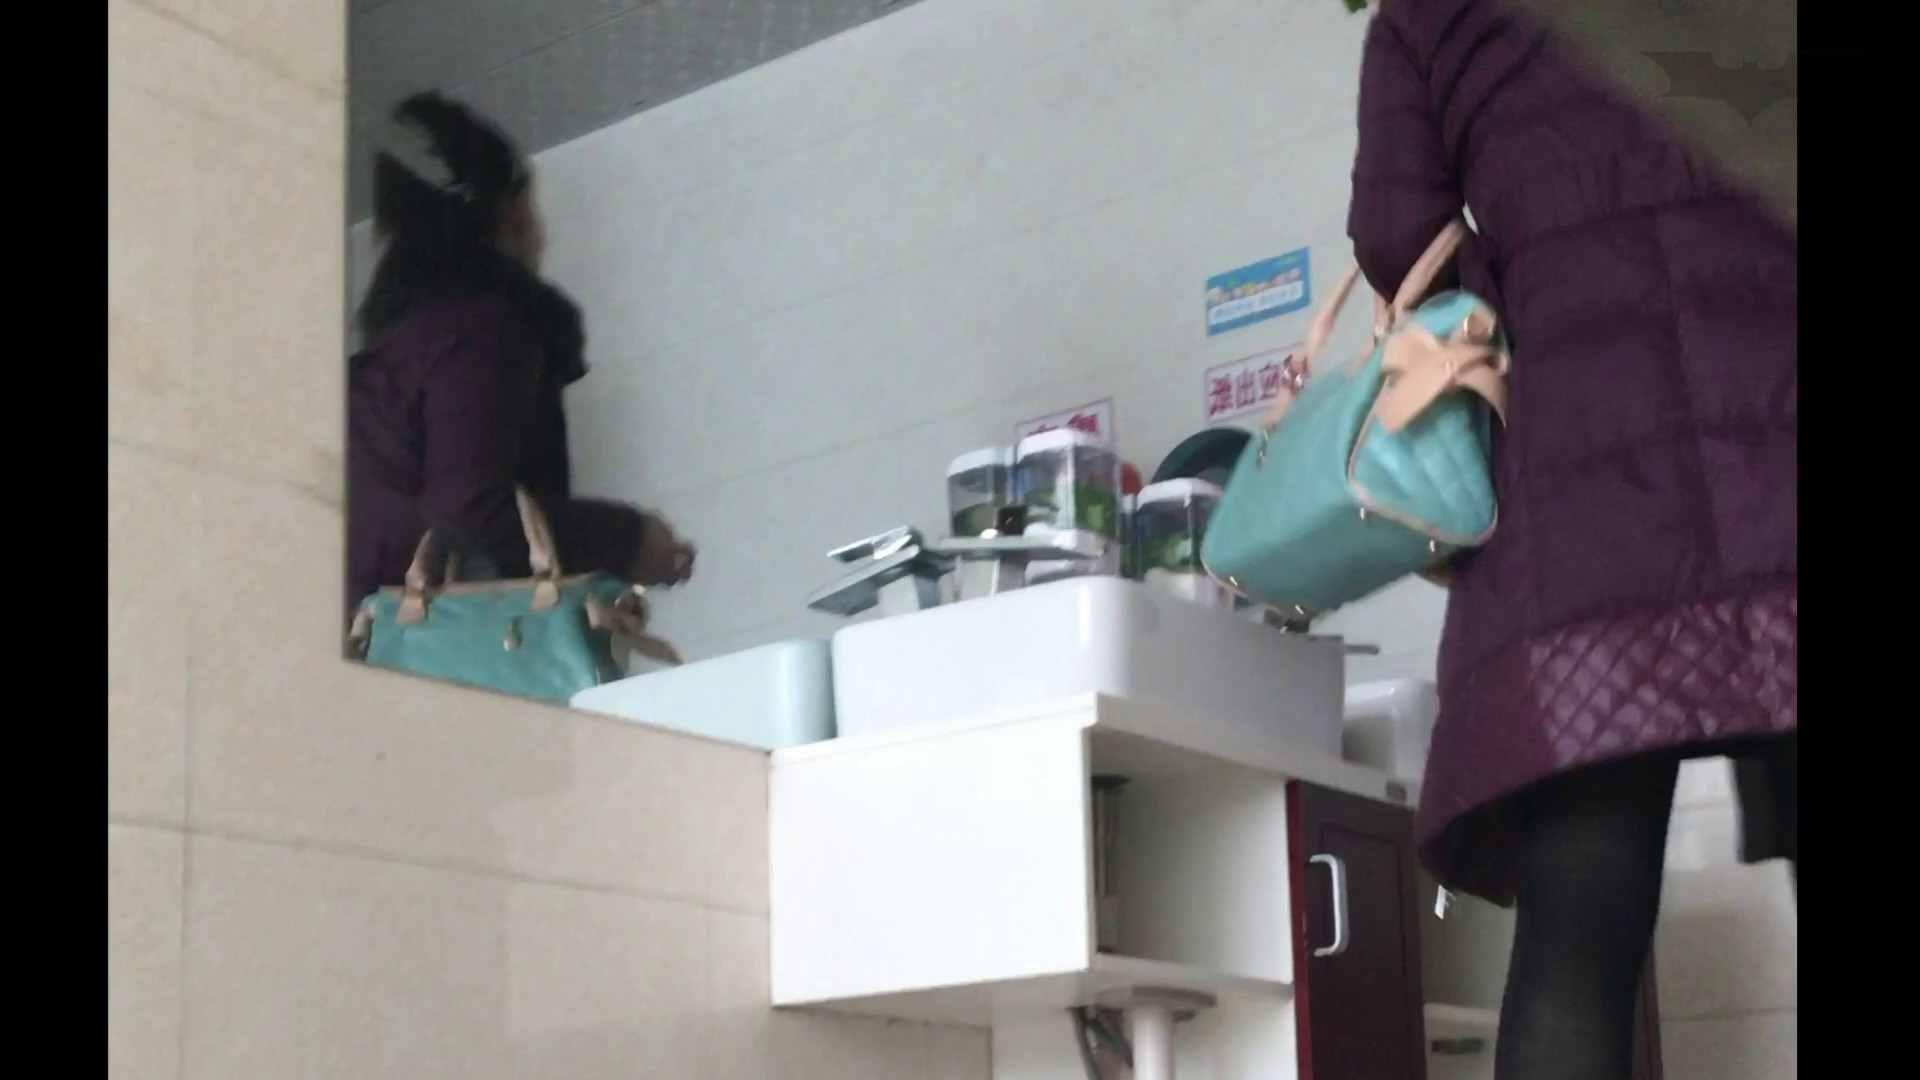 芸術大学ガチ潜入盗撮 JD盗撮 美女の洗面所の秘密 Vol.109 トイレ中 | 盗撮エロすぎ  29連発 8